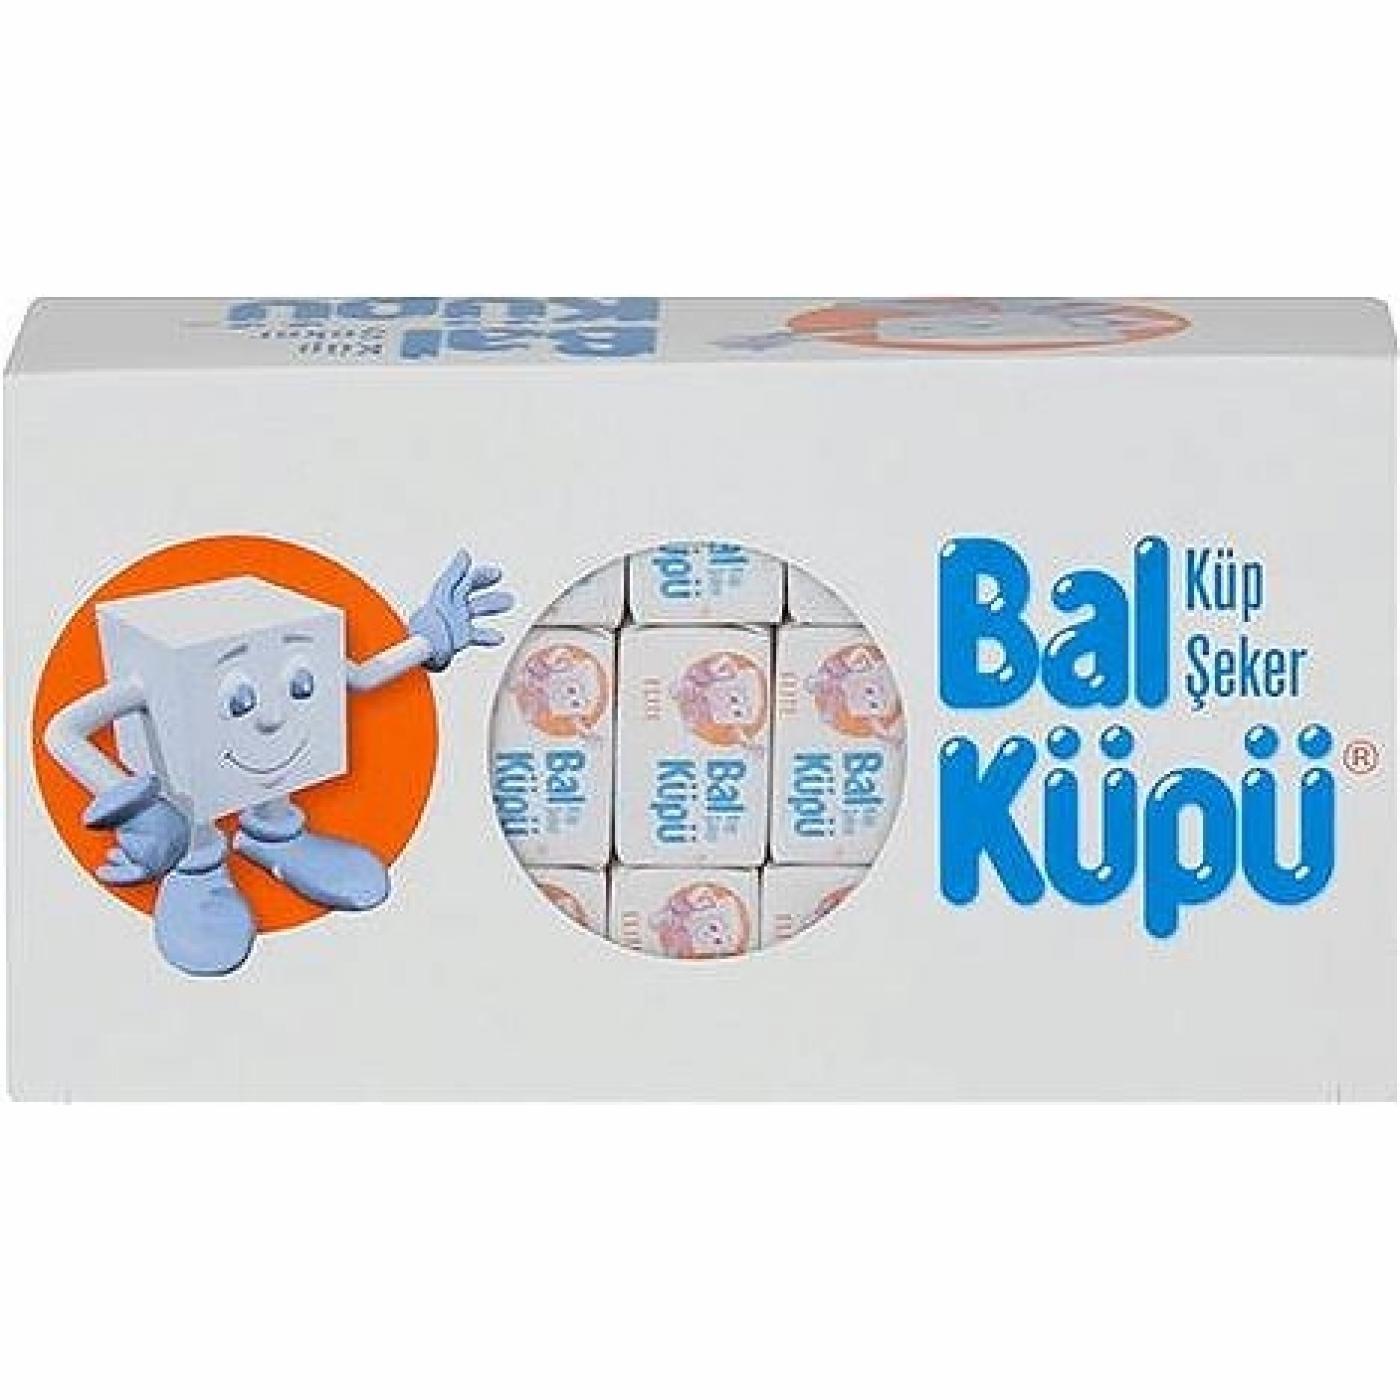 BALKÜPÜ KÜP ŞEKER SARGILI 750GR